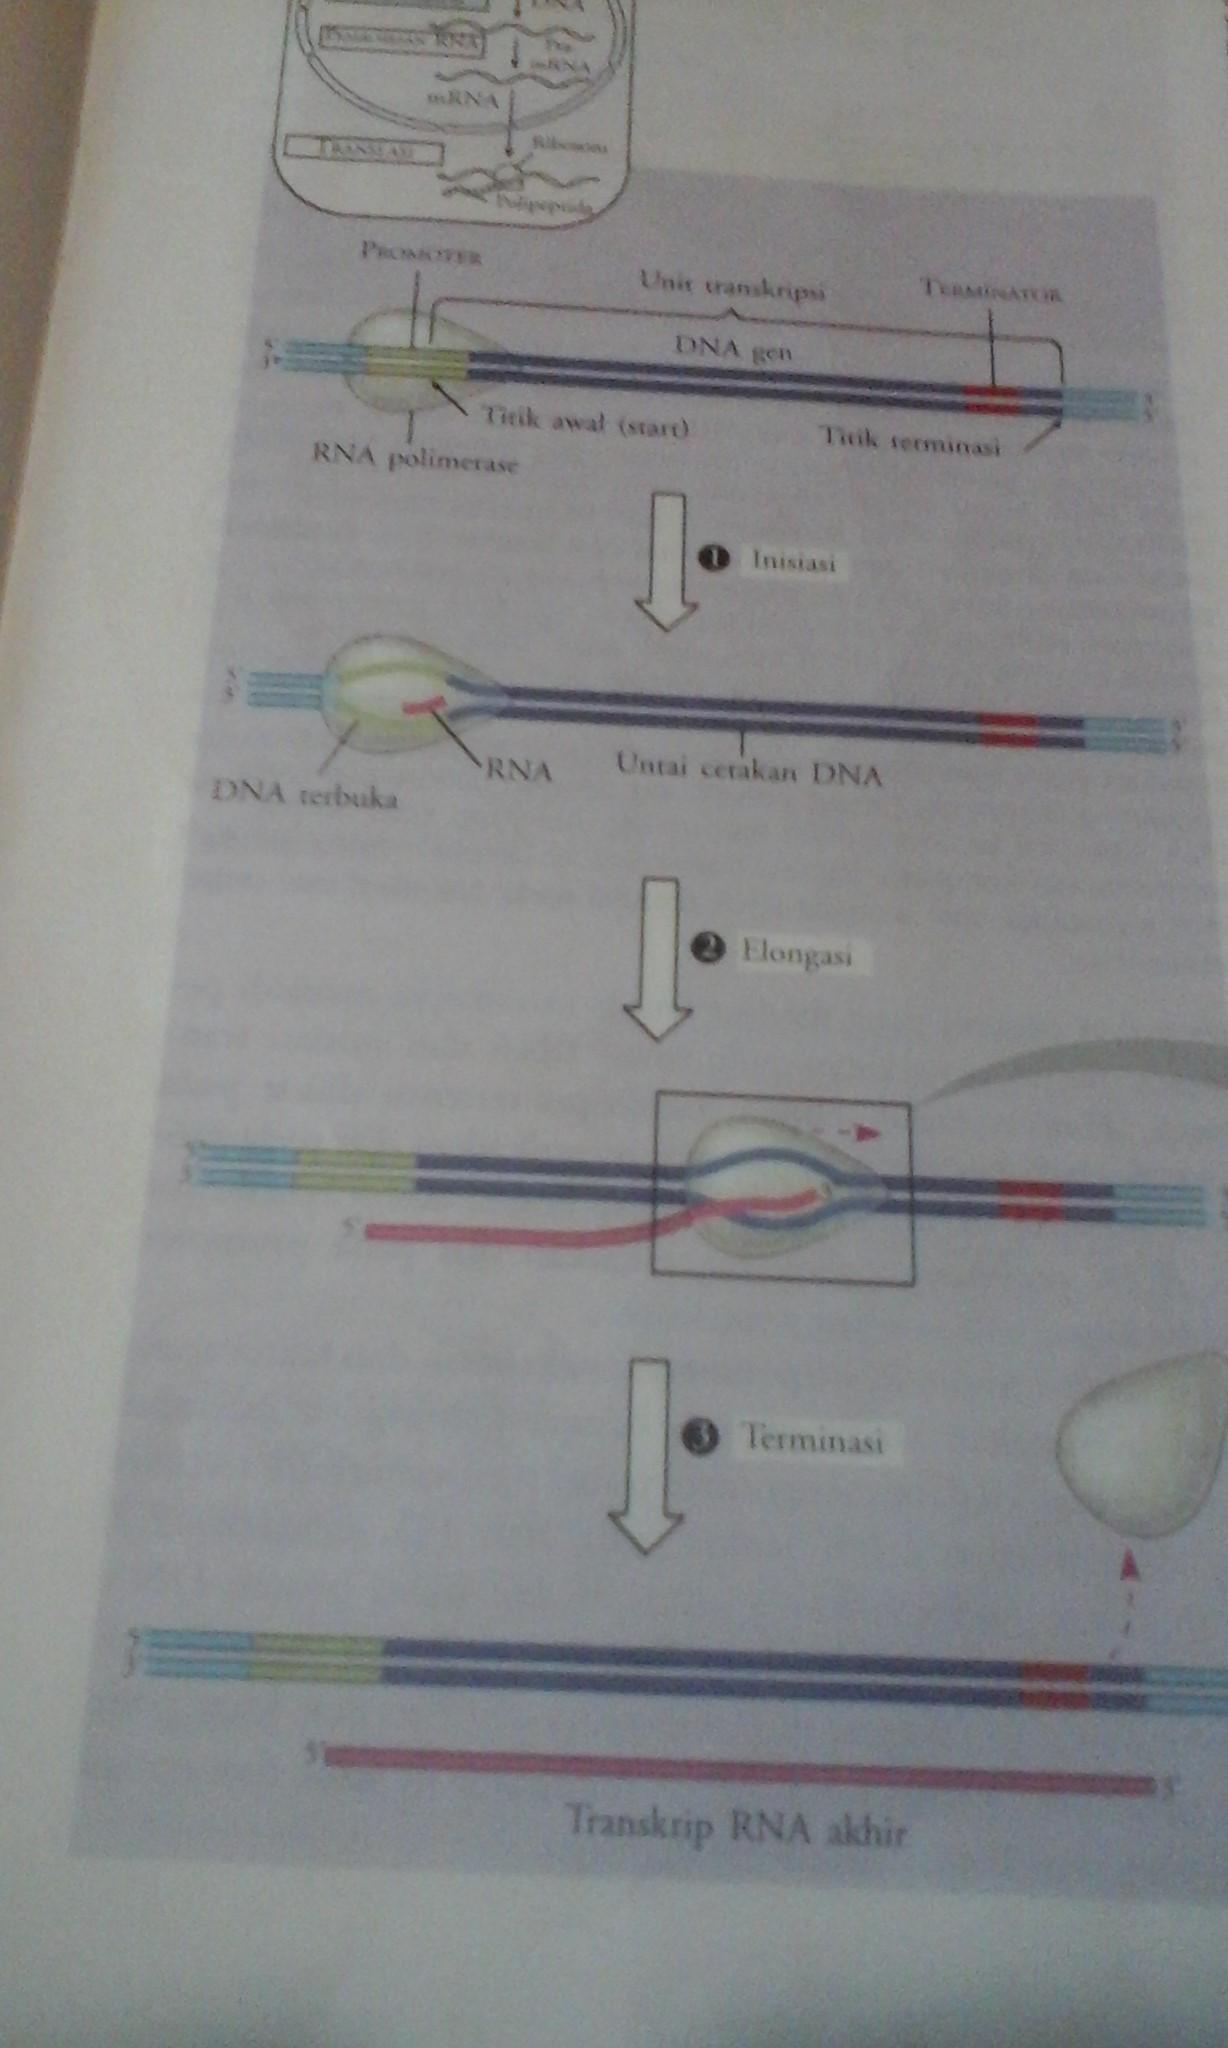 Sintesis protein hastutiwibowo sintesis protein ccuart Images